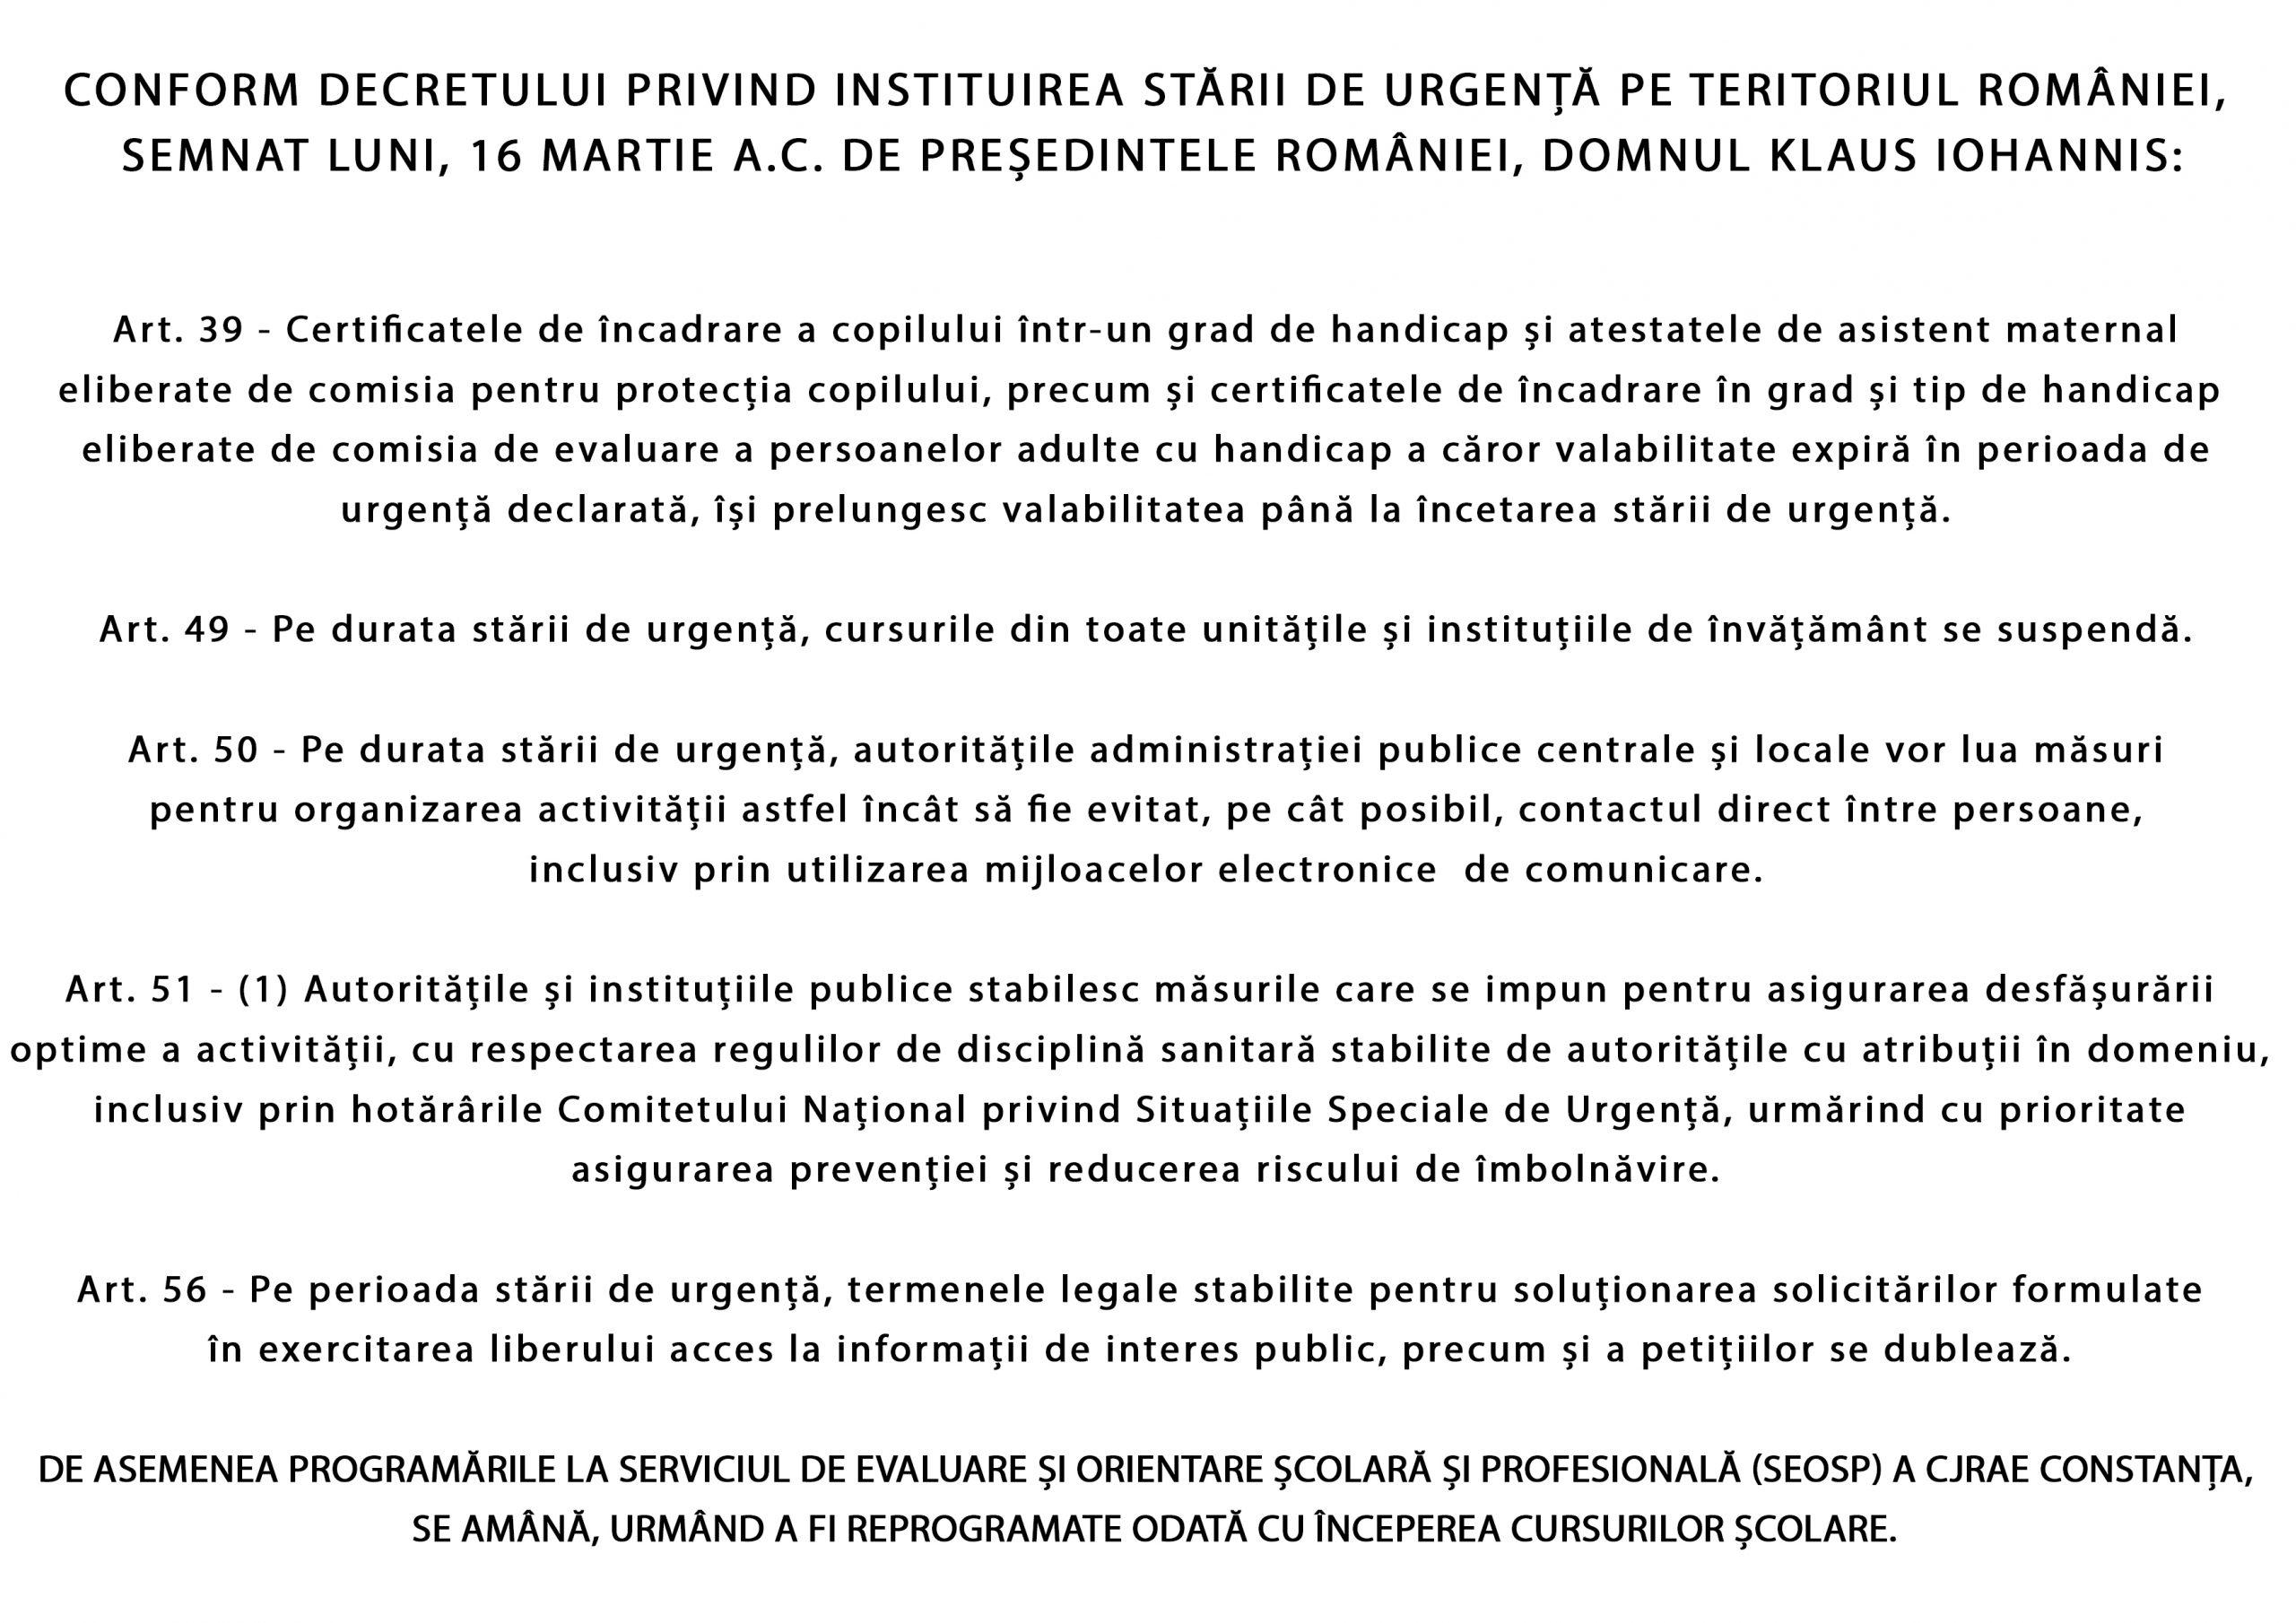 Conform decretului privind instituirea stării de urgență pe teritoriul României, semnat luni, 16 martie a.c. de Președintele României, domnul Klaus Iohannis: